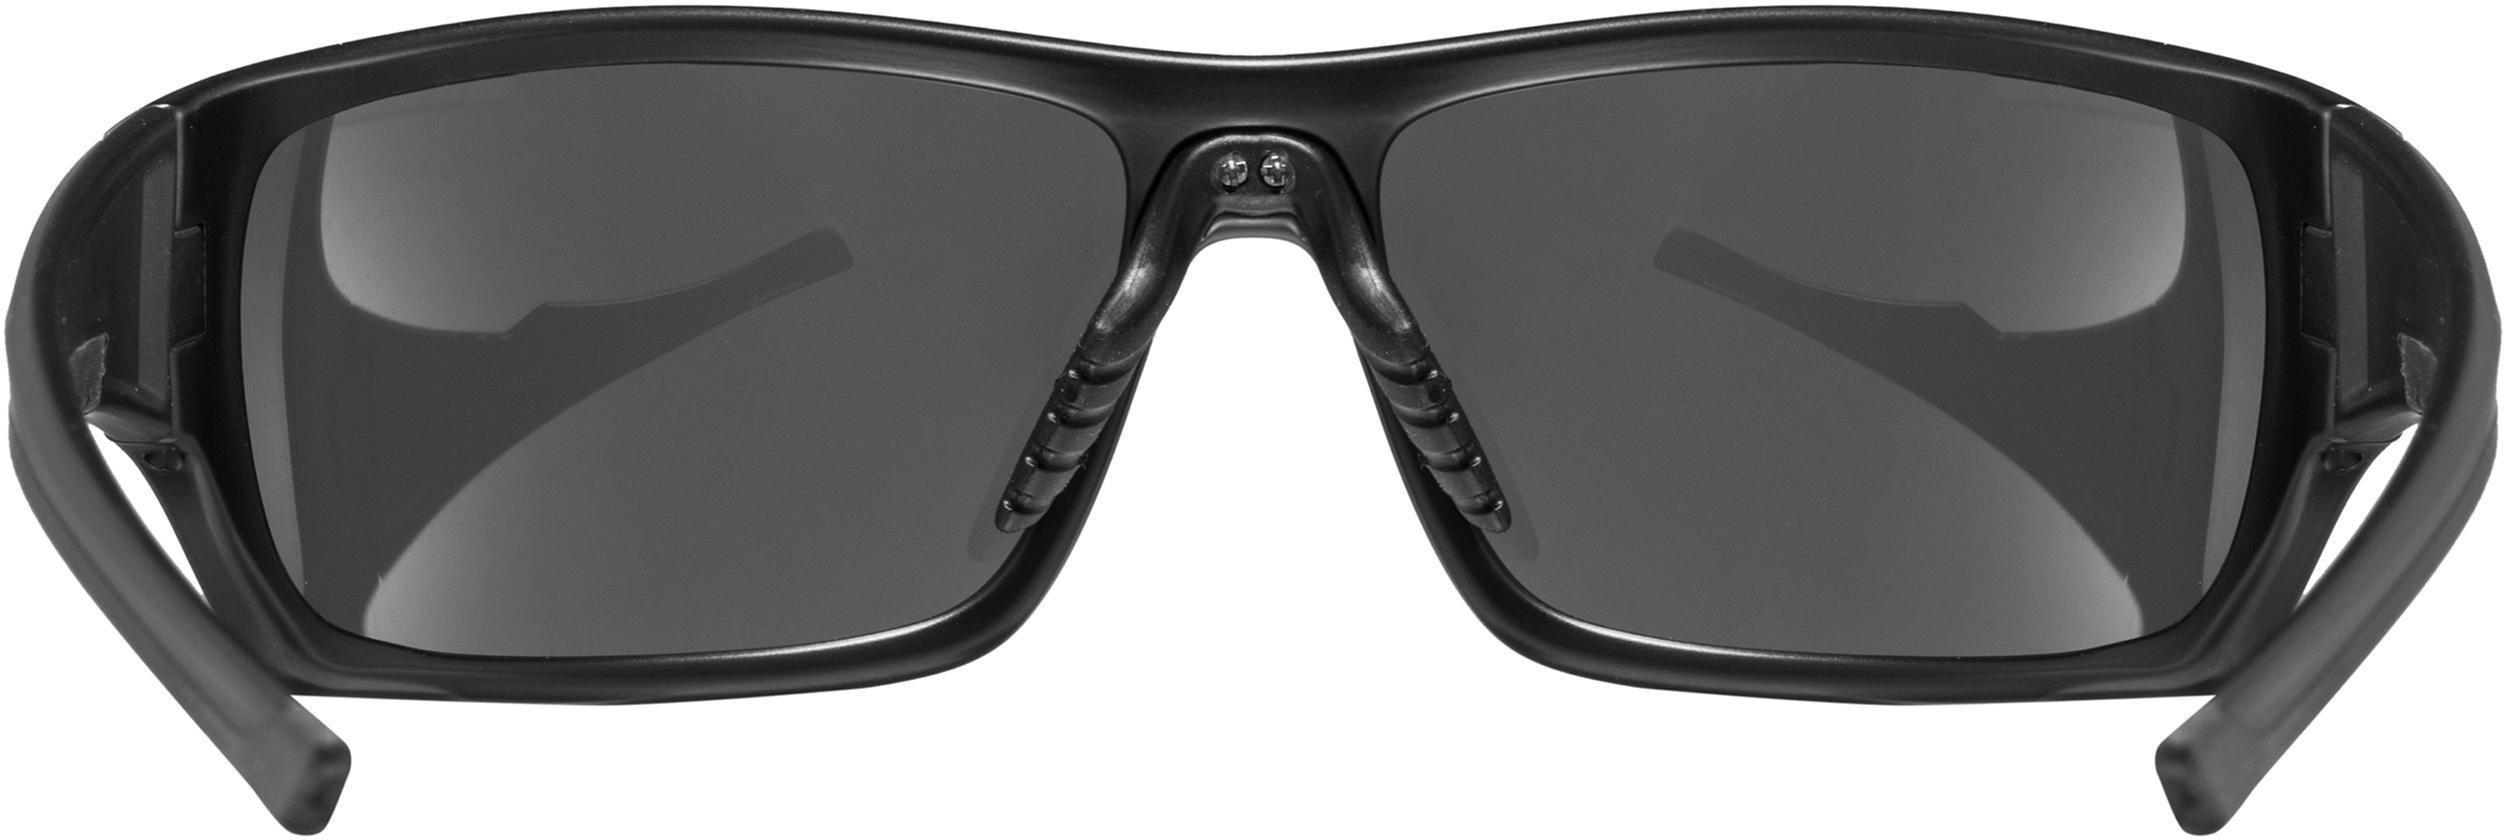 97e85e918a UVEX Sportstyle 222 Pola Bike Glasses black at Bikester.co.uk